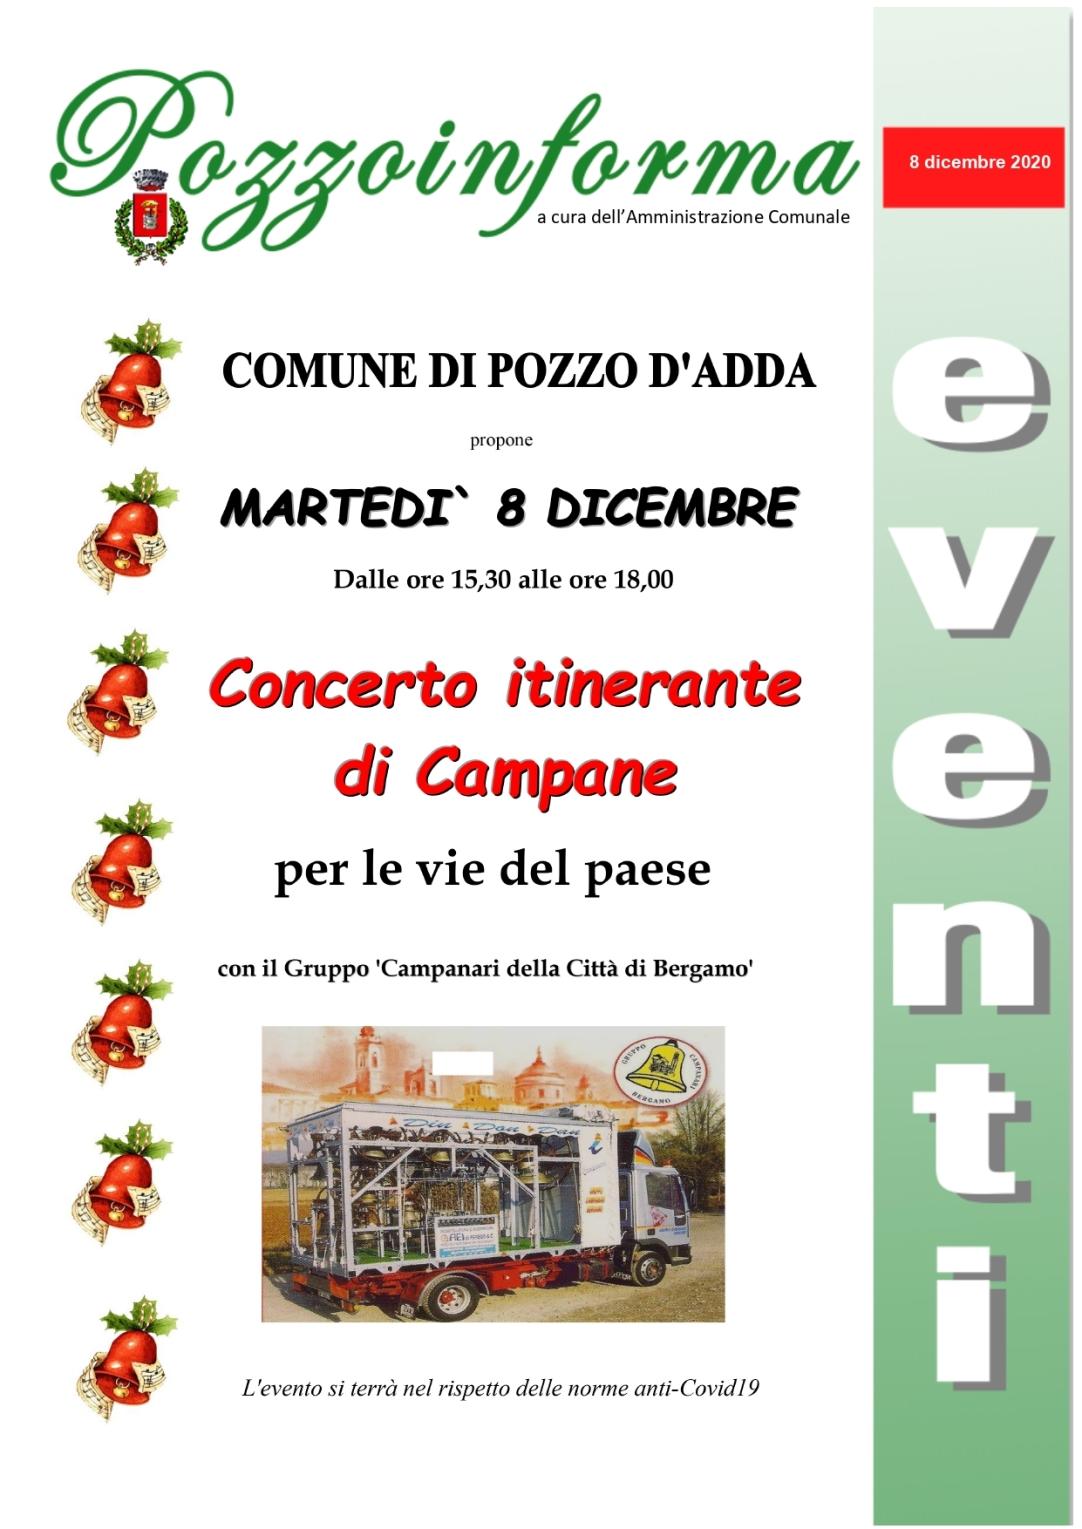 Volantino Concerto Campane - 8 dicembre 2020_page-0001